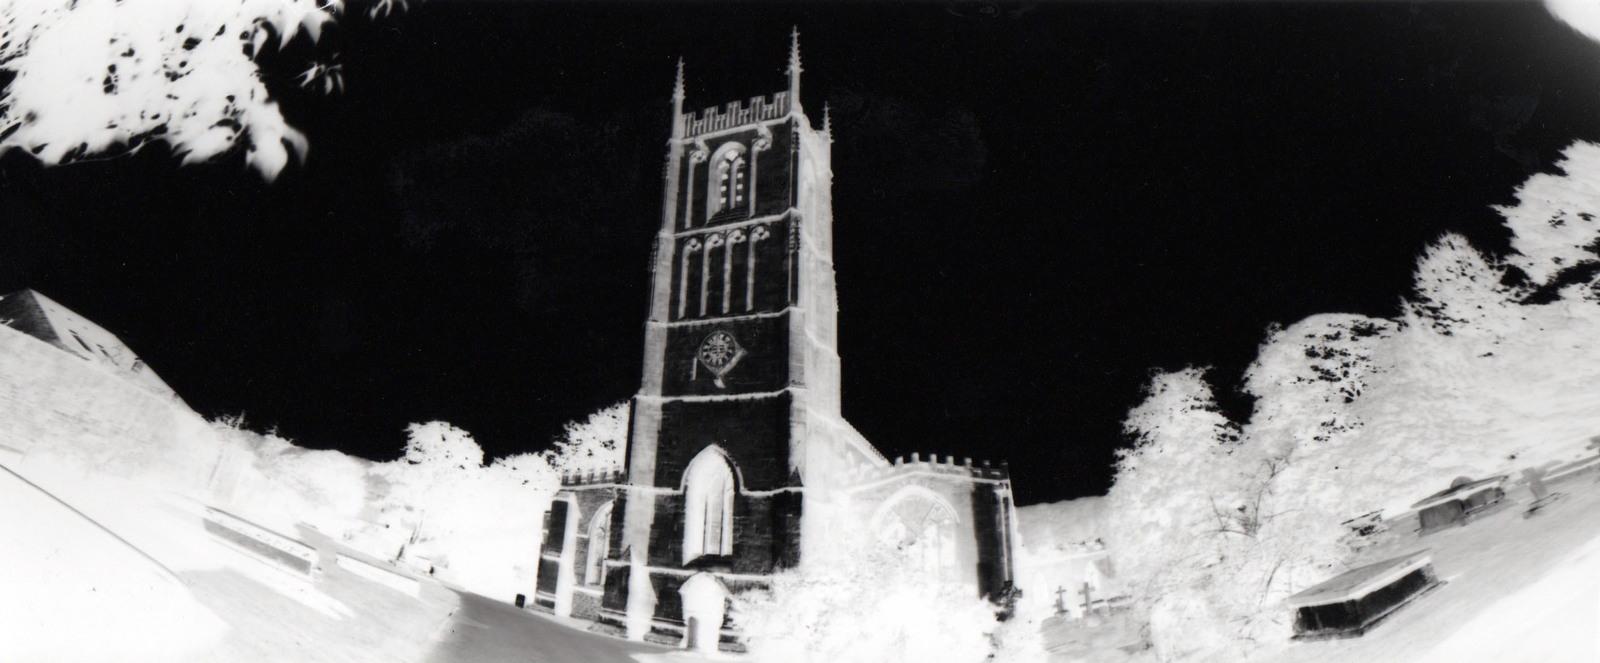 4. St Mary's Church